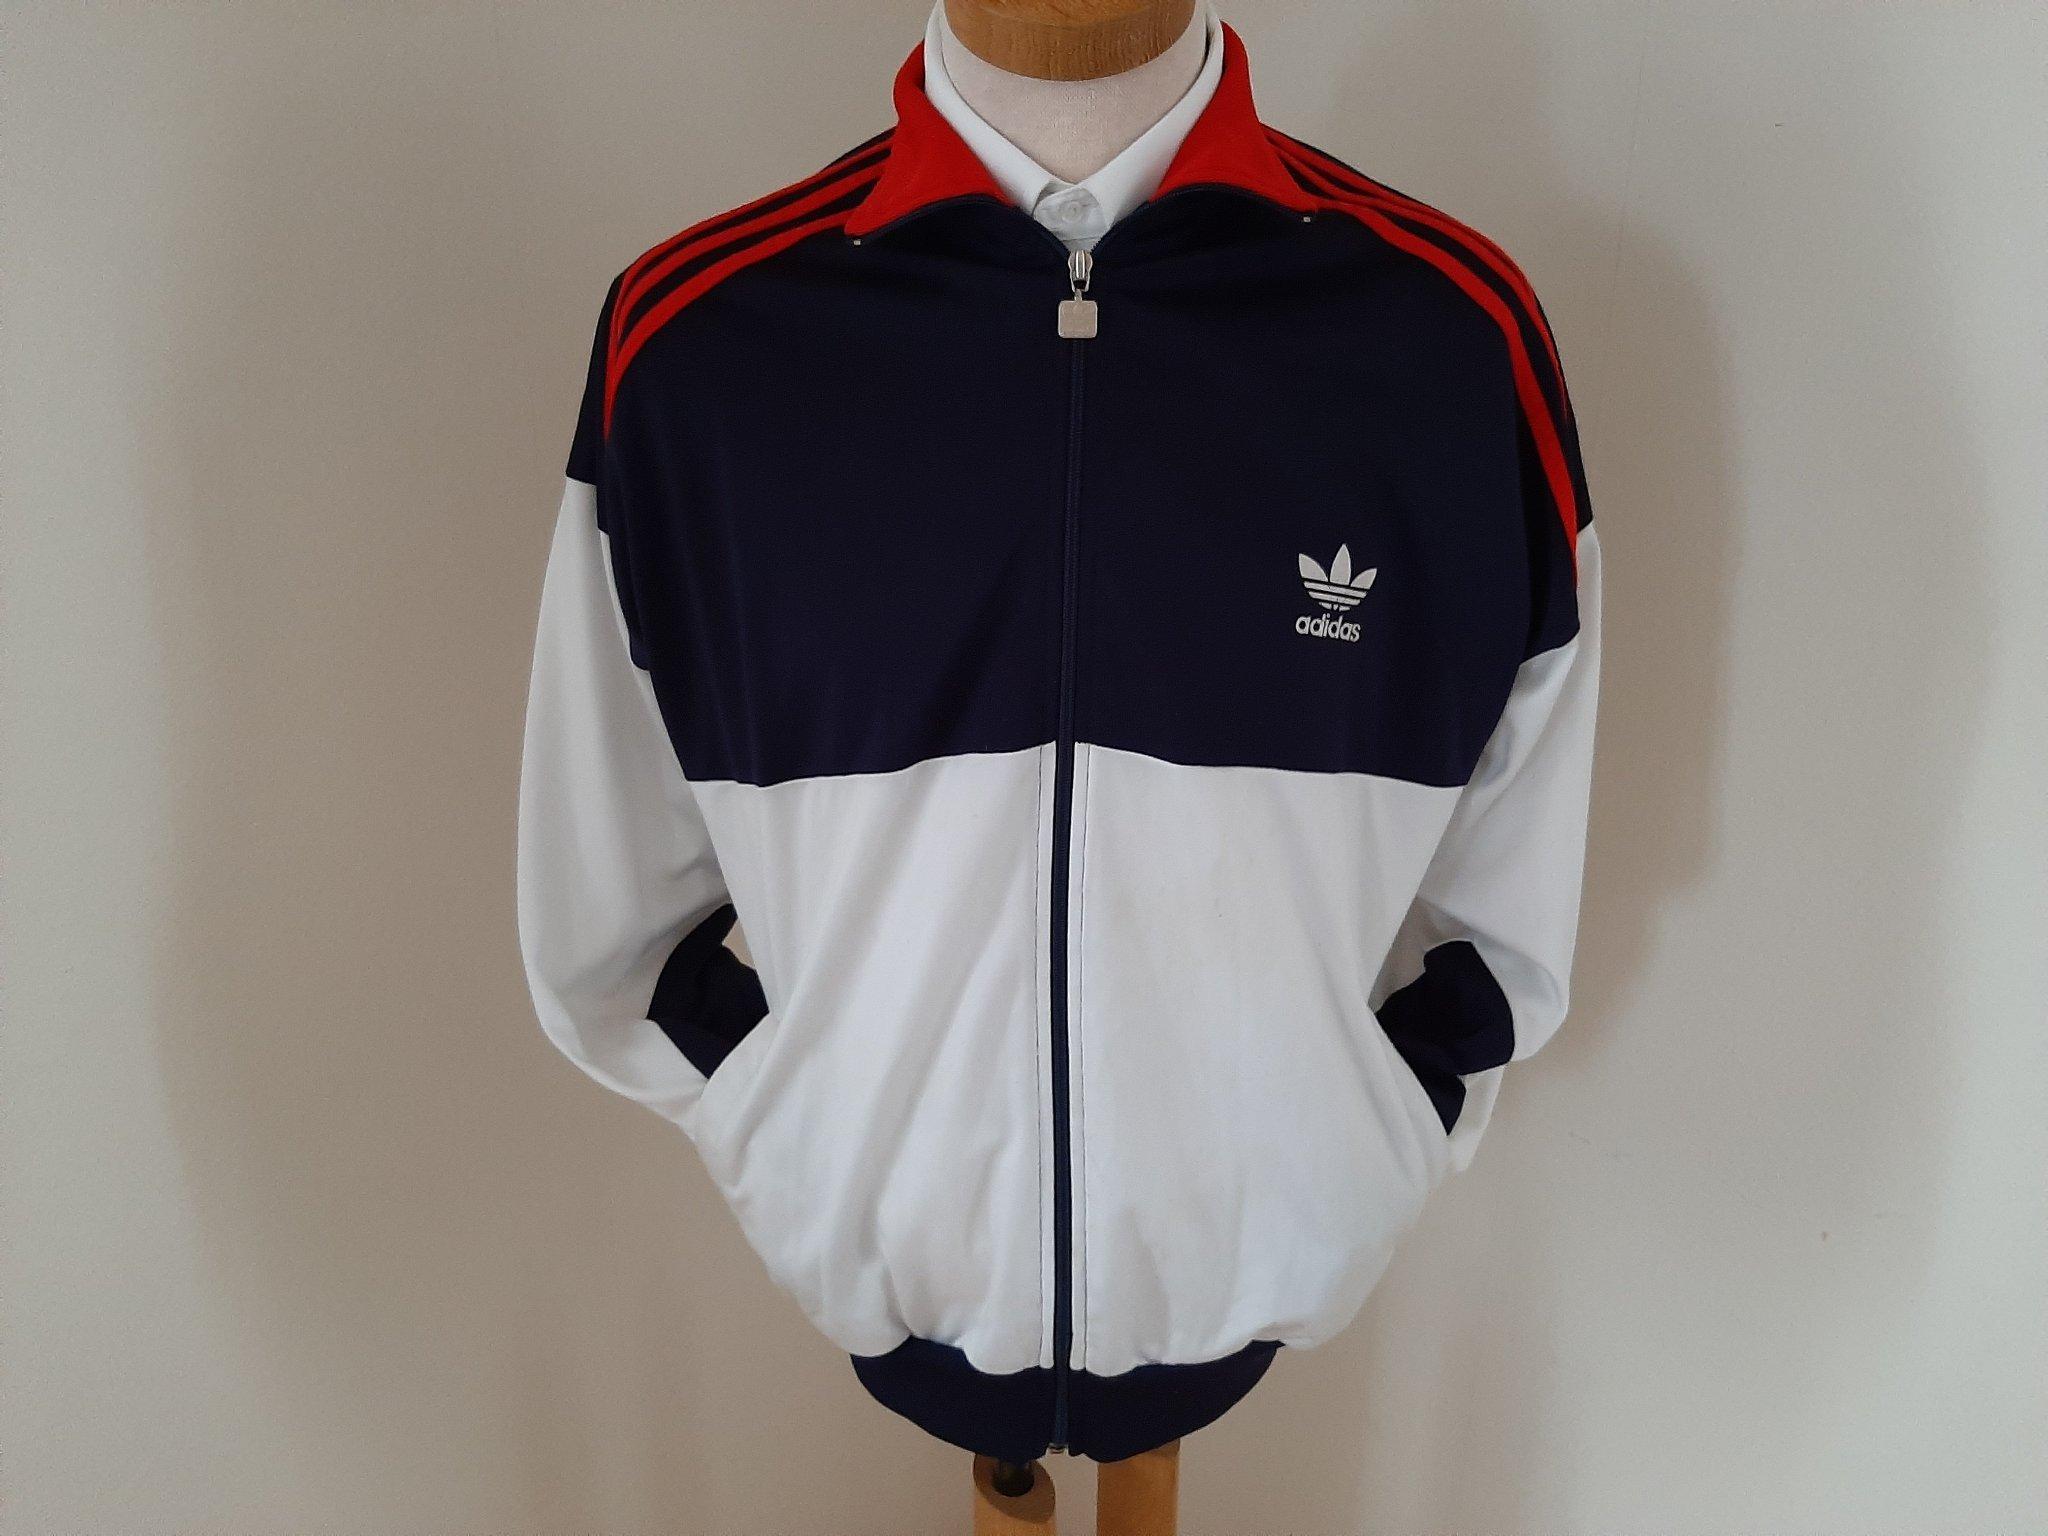 adidas overallsjacka röd med vita ränder